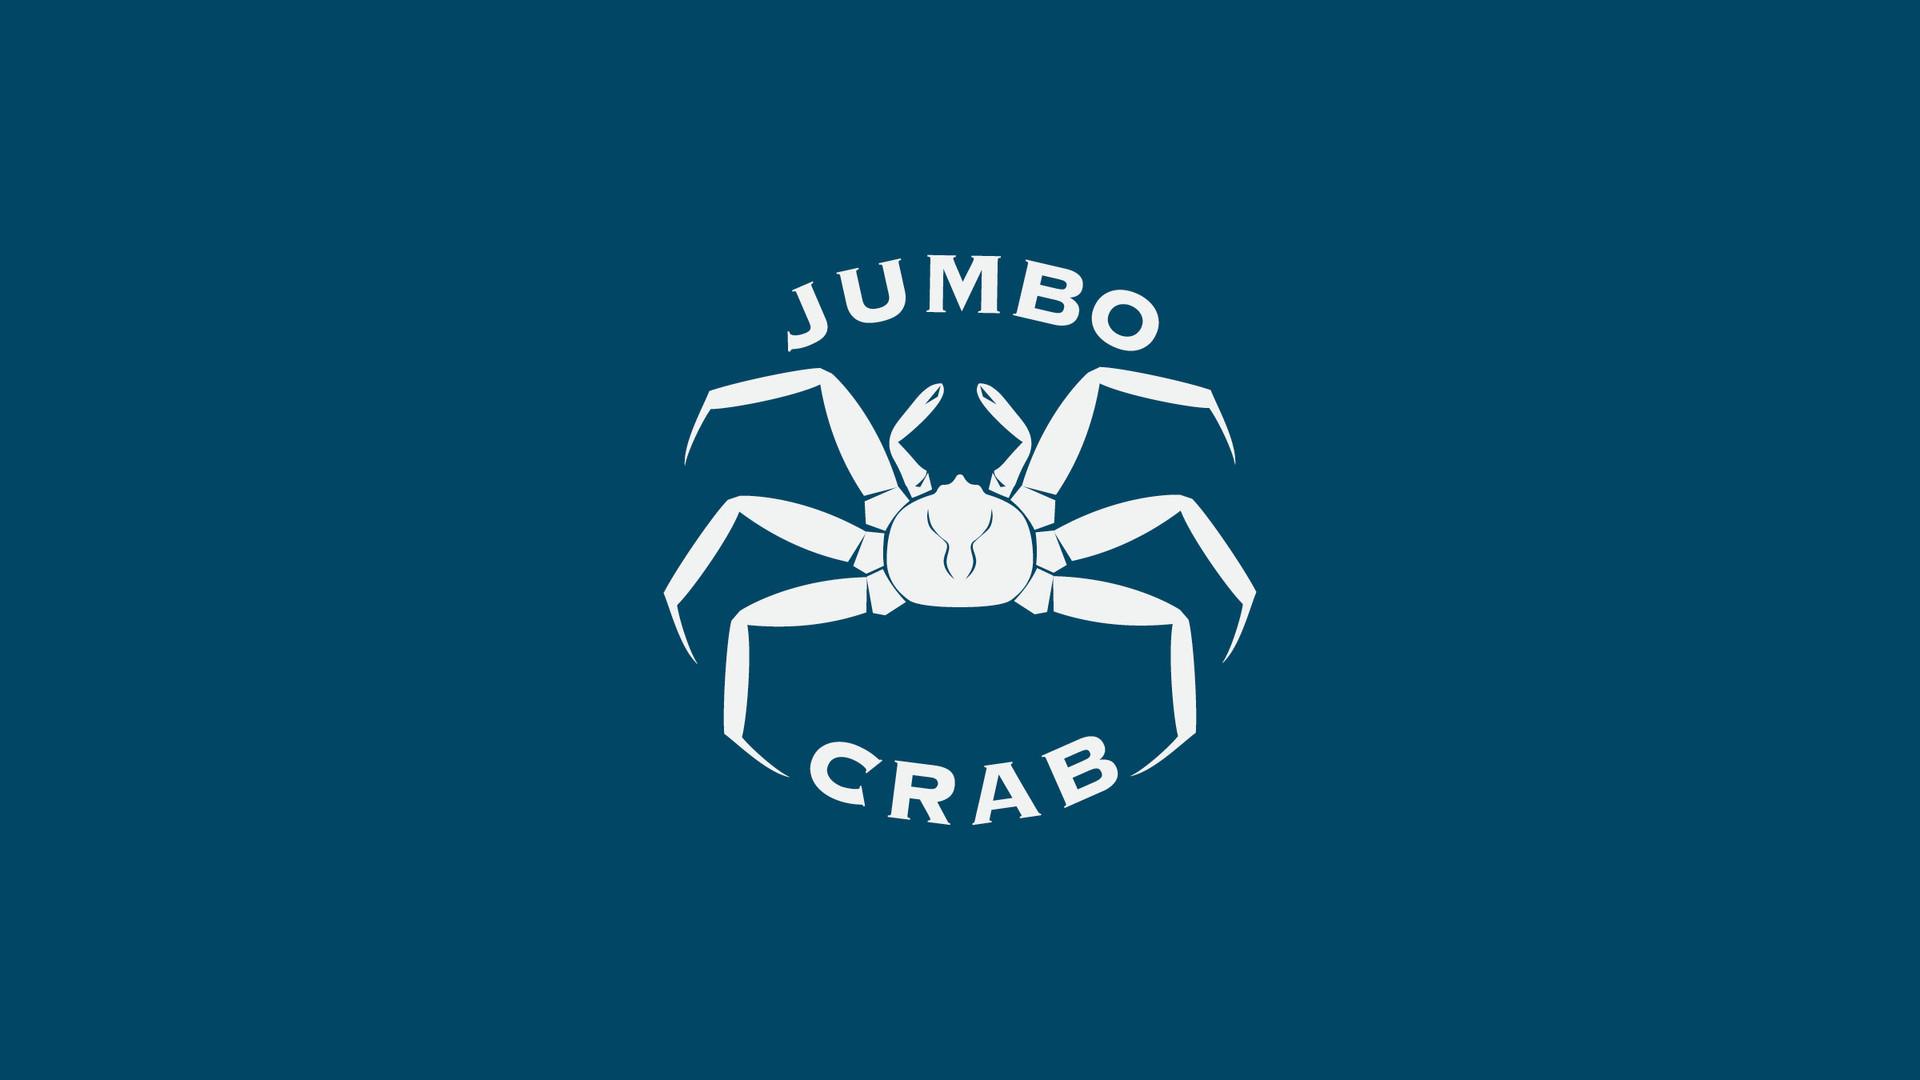 Jumbo Crab - Chicago